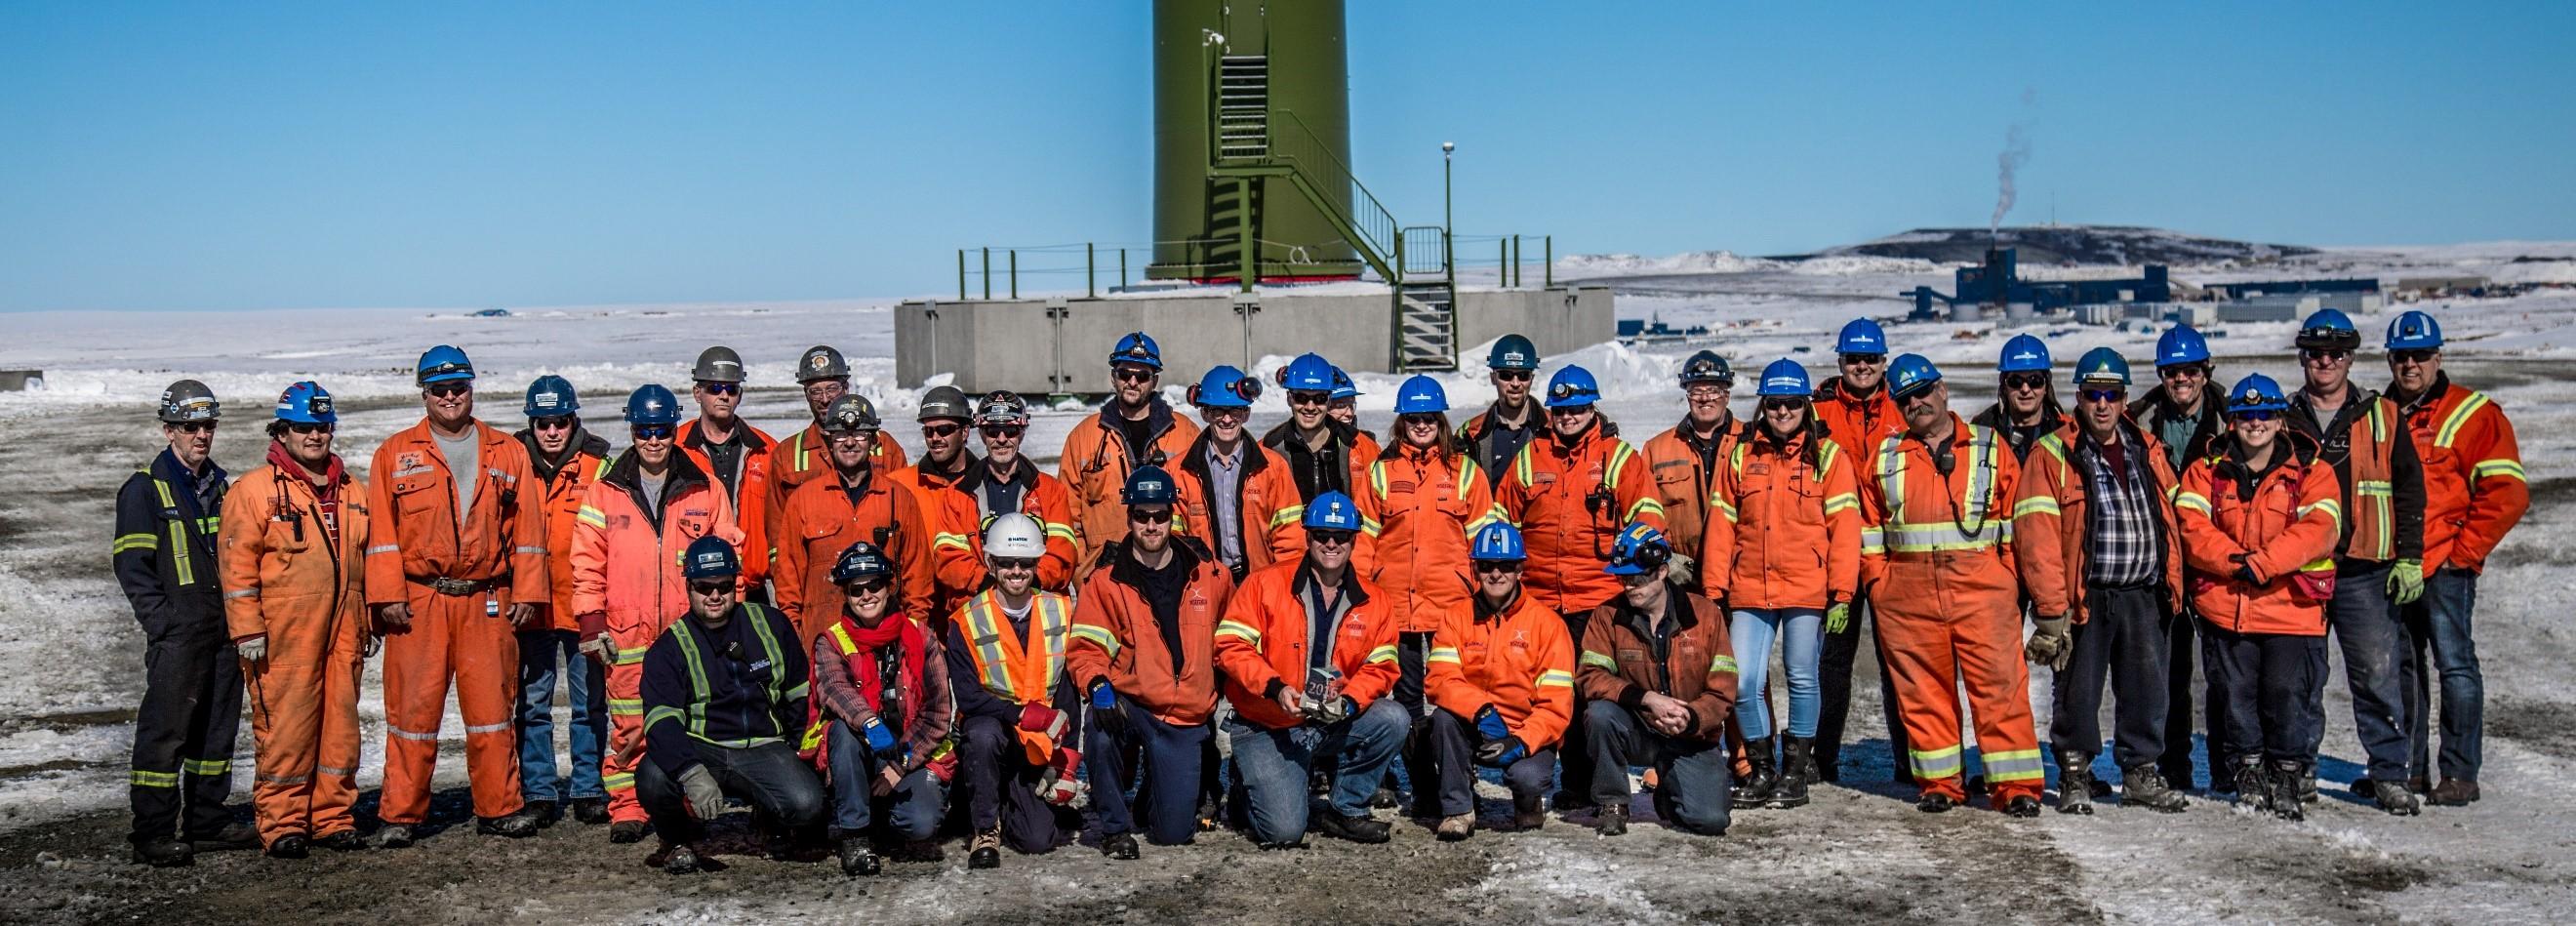 Raglan construction team